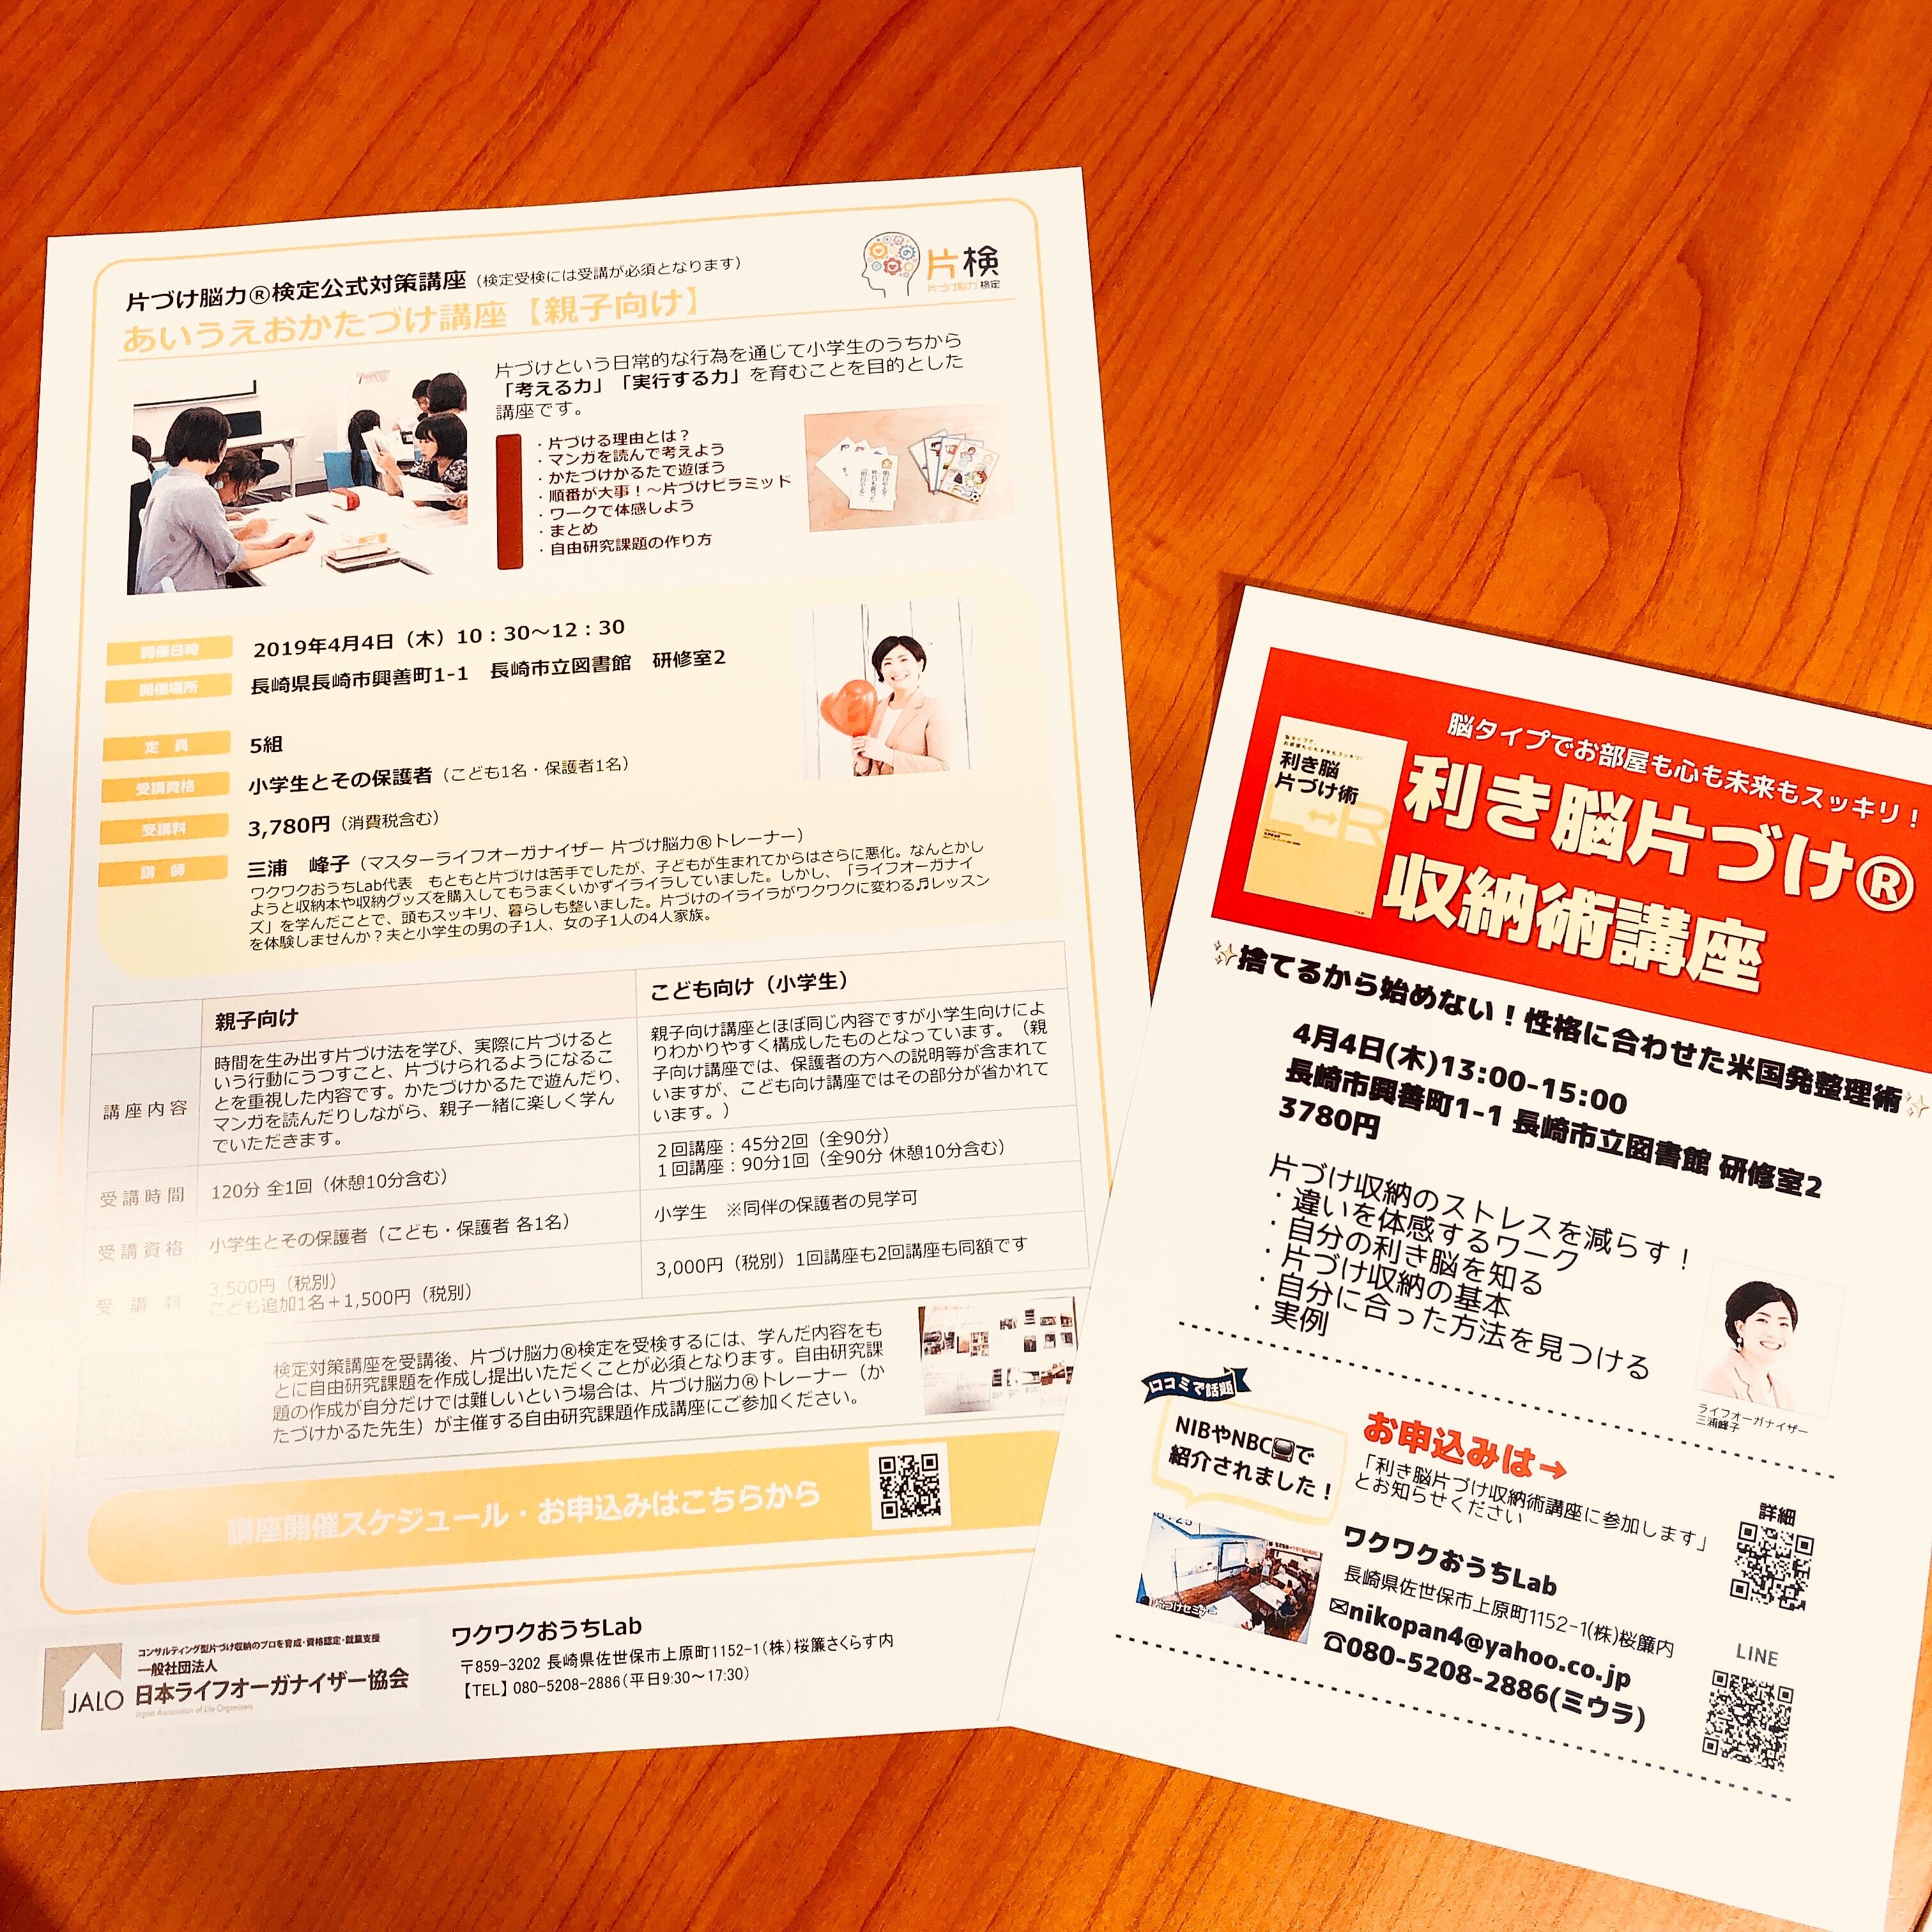 f:id:allergy_nagasakikko:20190215200559j:image